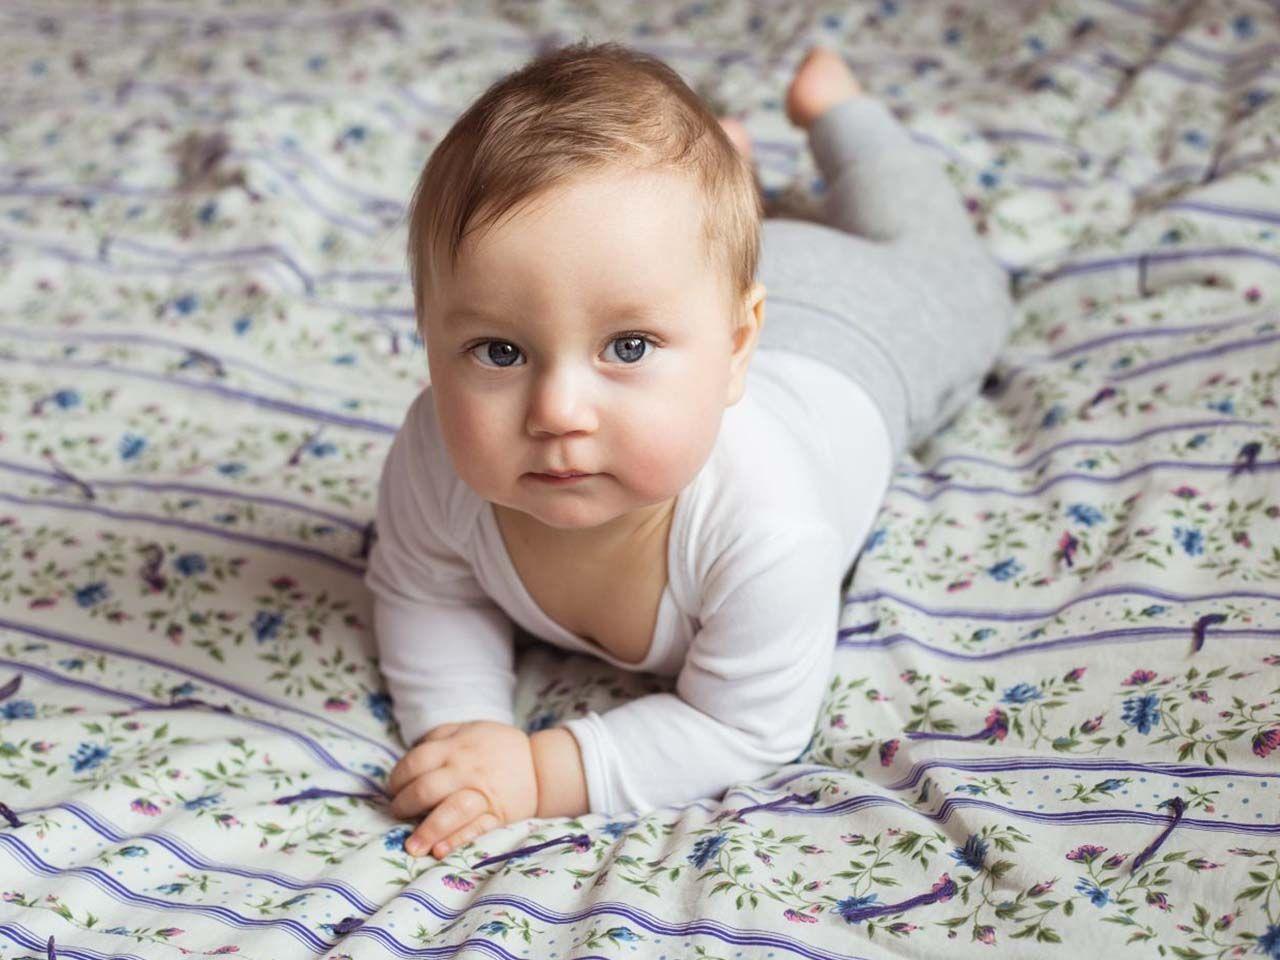 Niemowlę Spadło Z łóżka Co Robić świat Rodziców